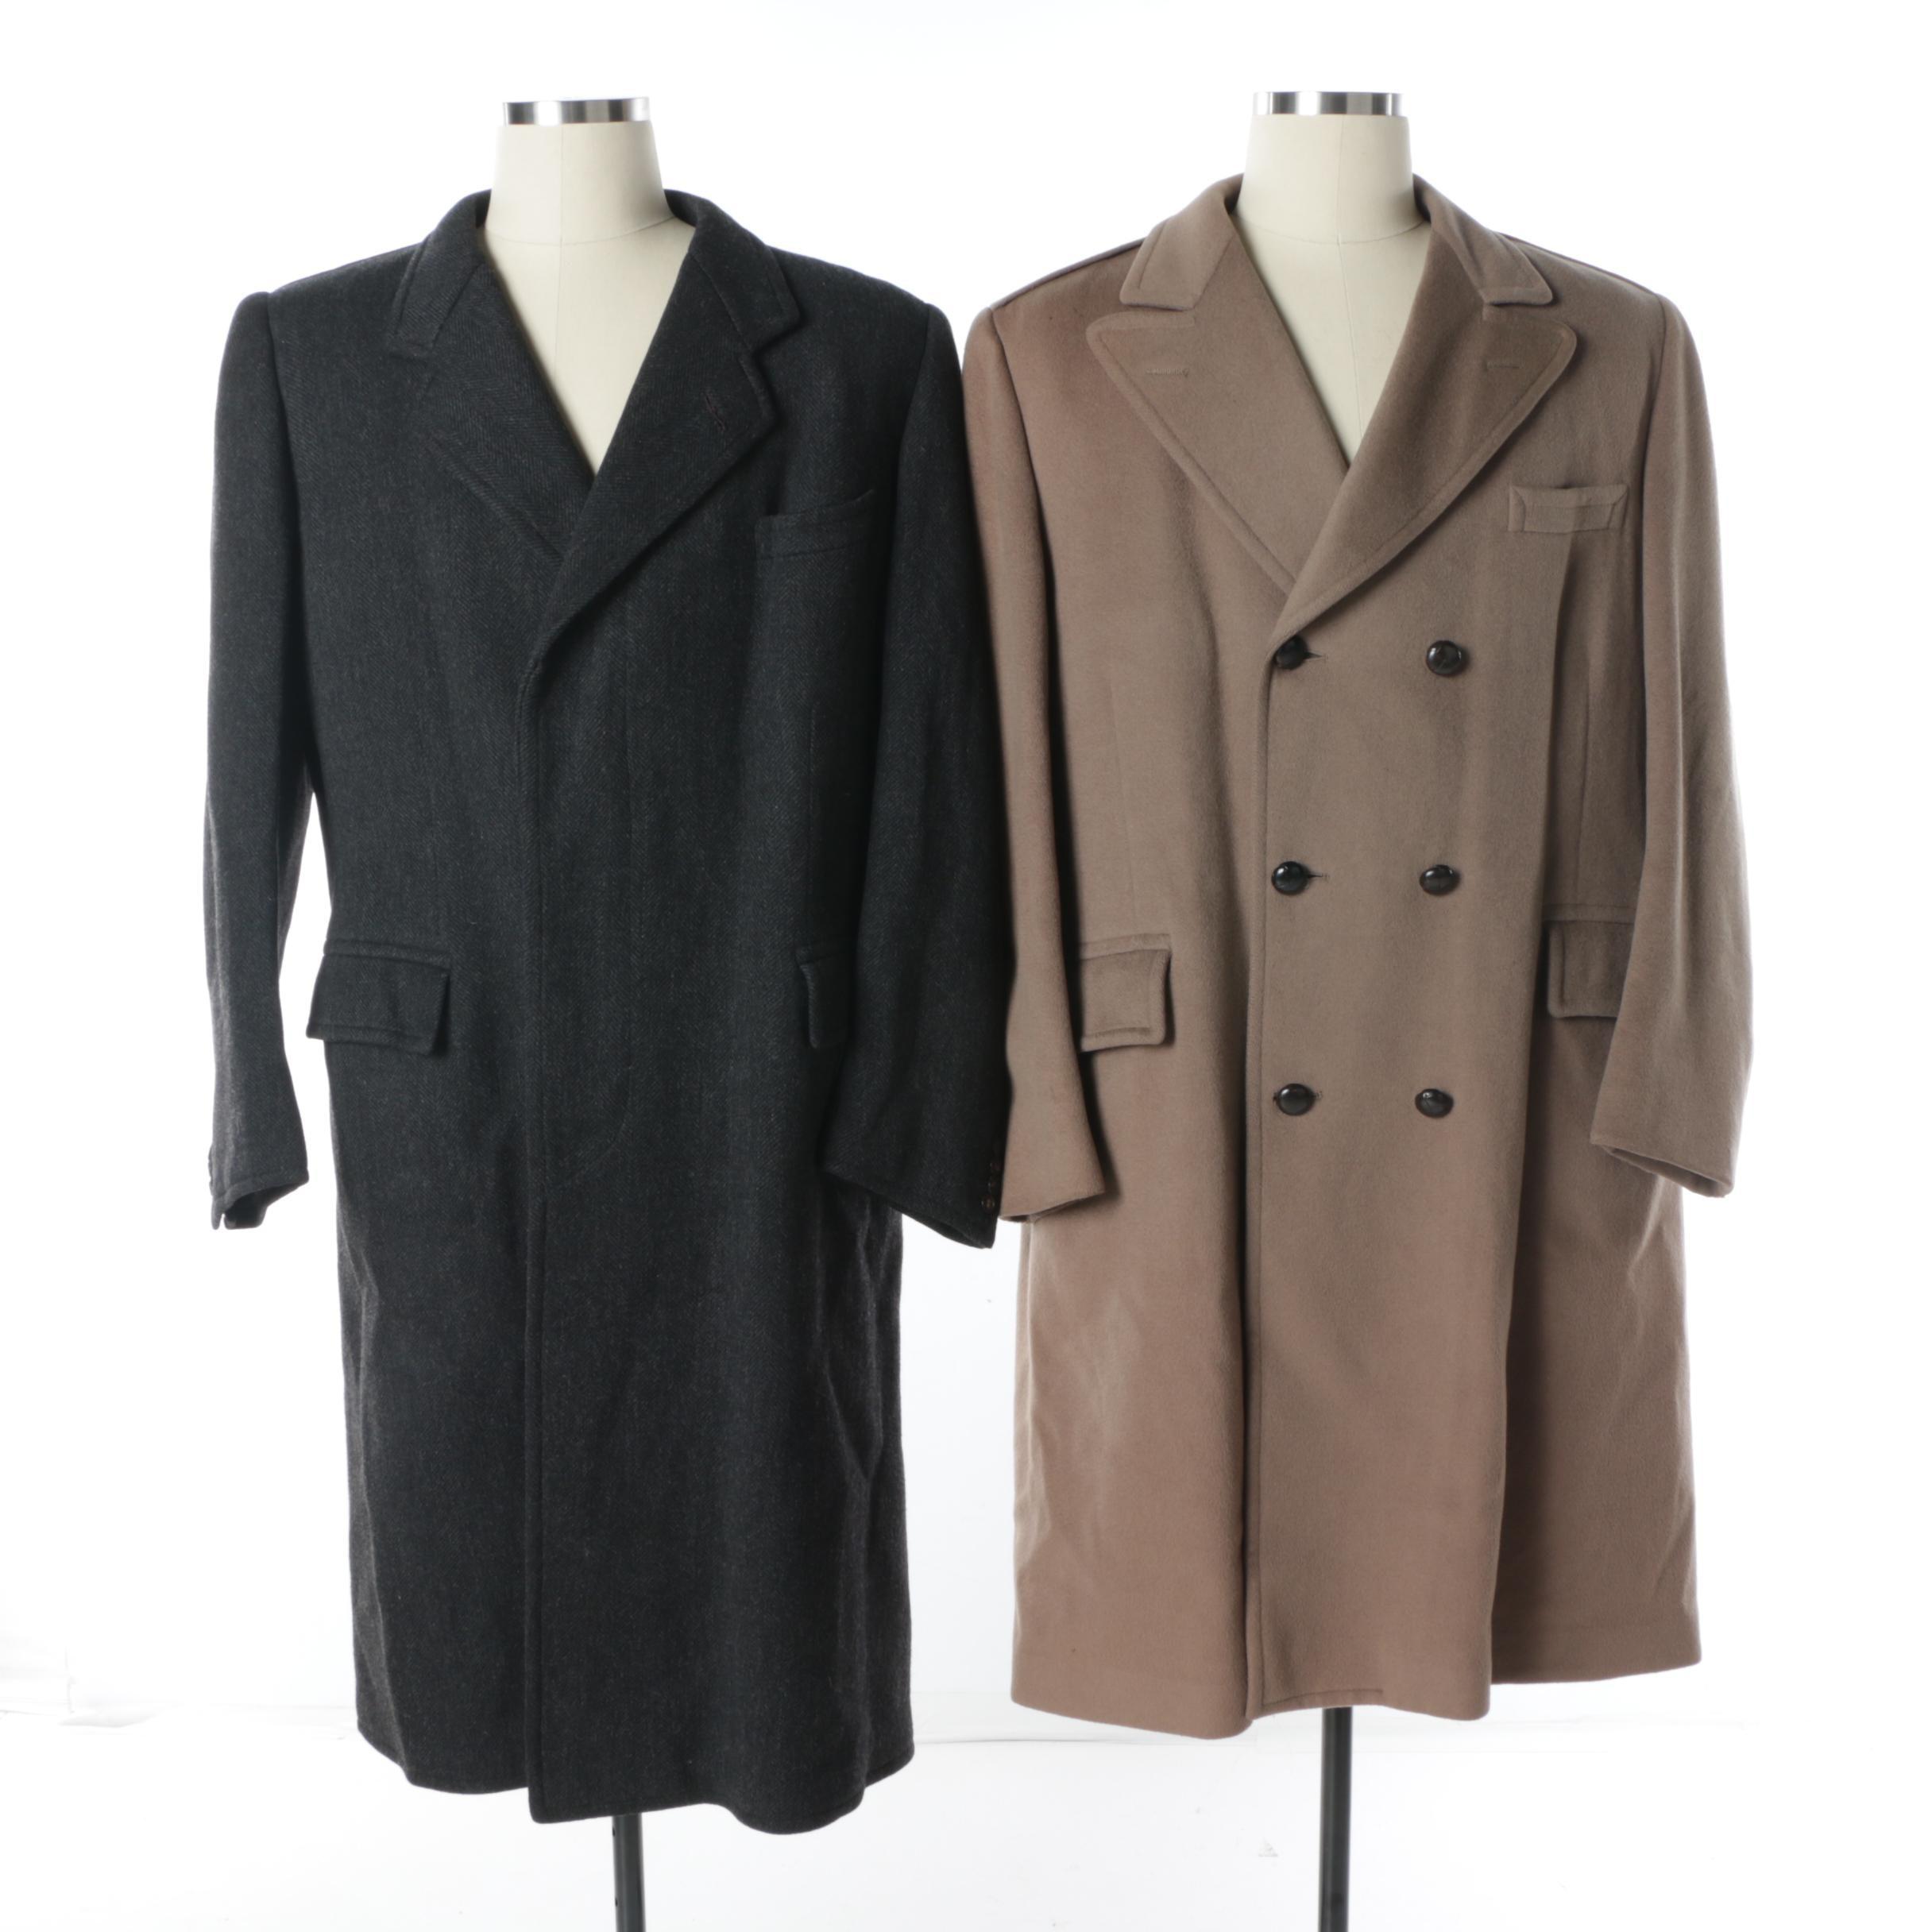 Men's Vintage Wool Overcoats Including Arthur A. Adler